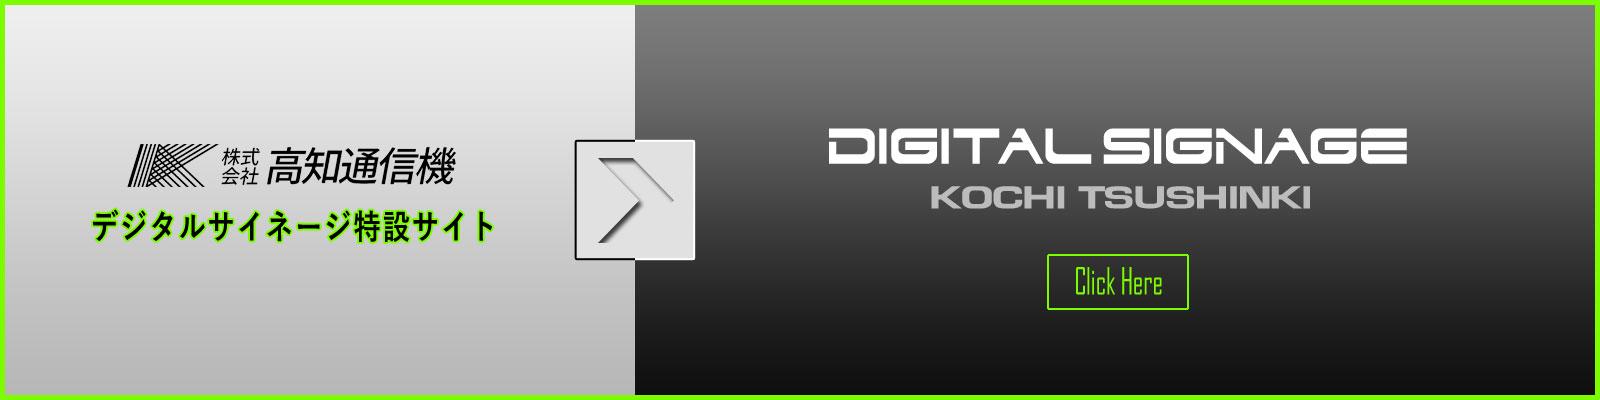 株式会社高知通信機のデジタルサイネージ特設サイト